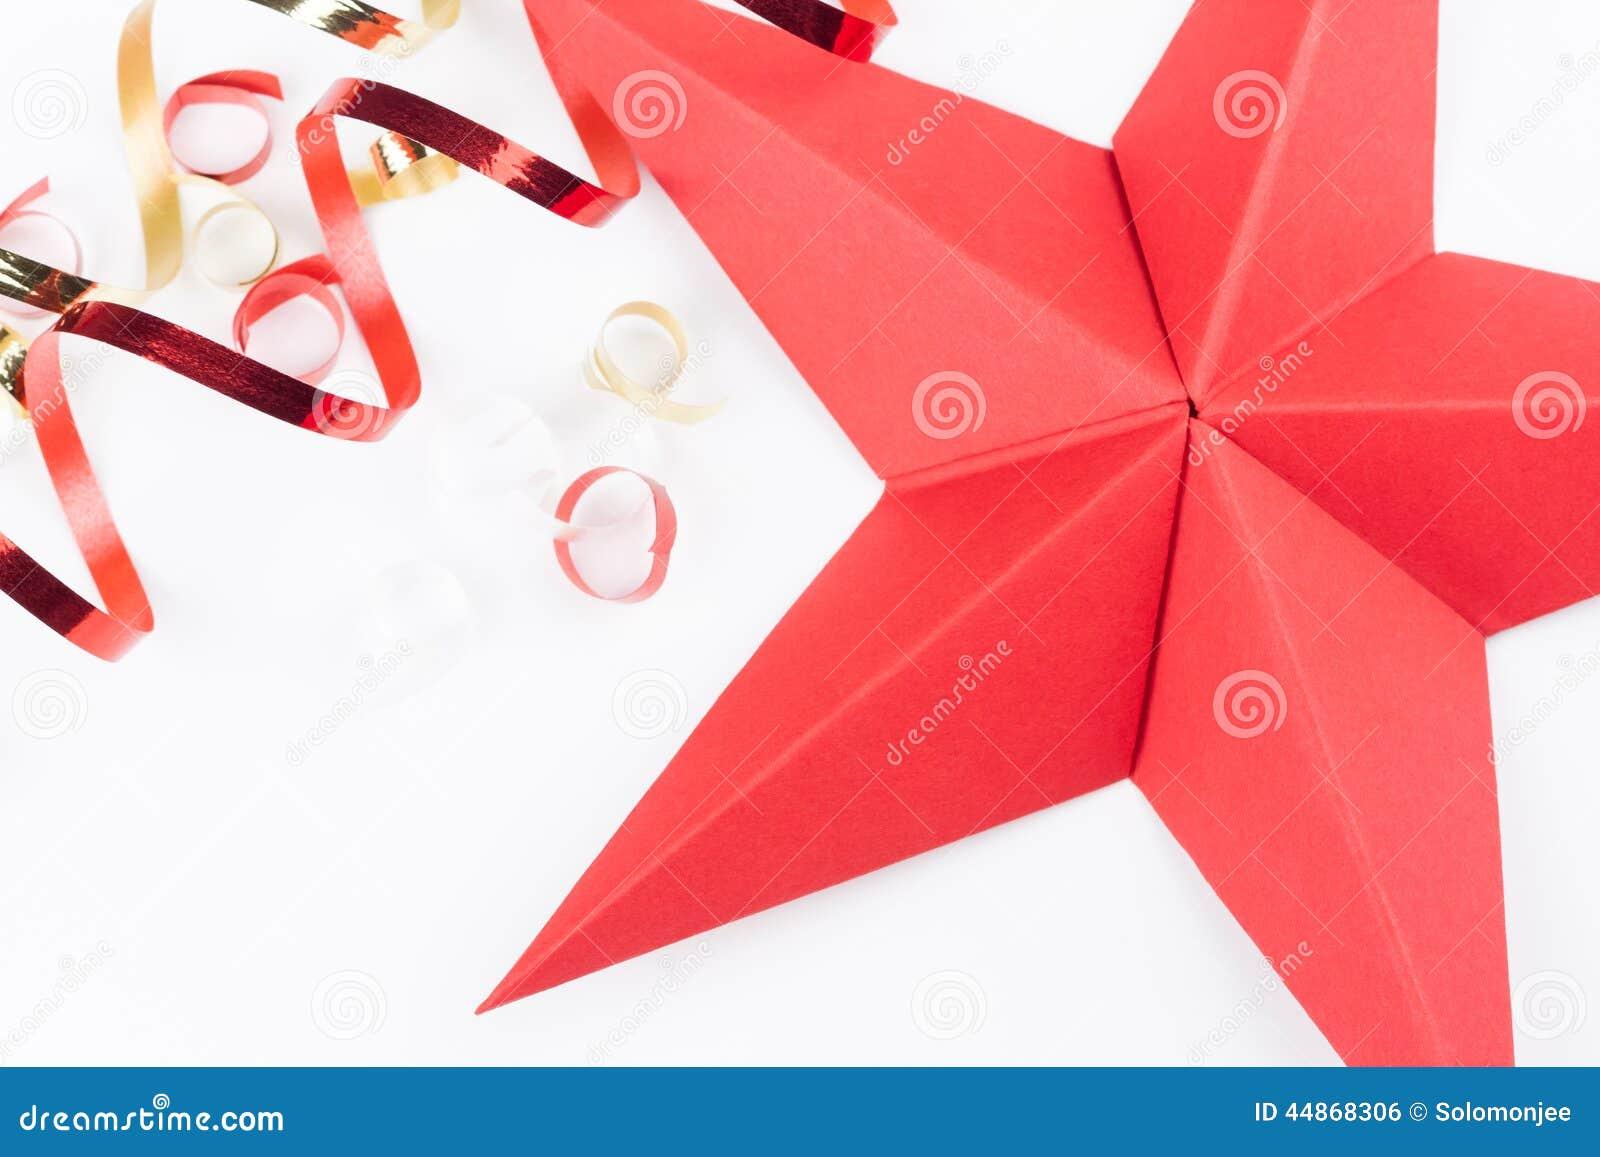 Toile rouge de no l d origami - Origami etoile de noel ...